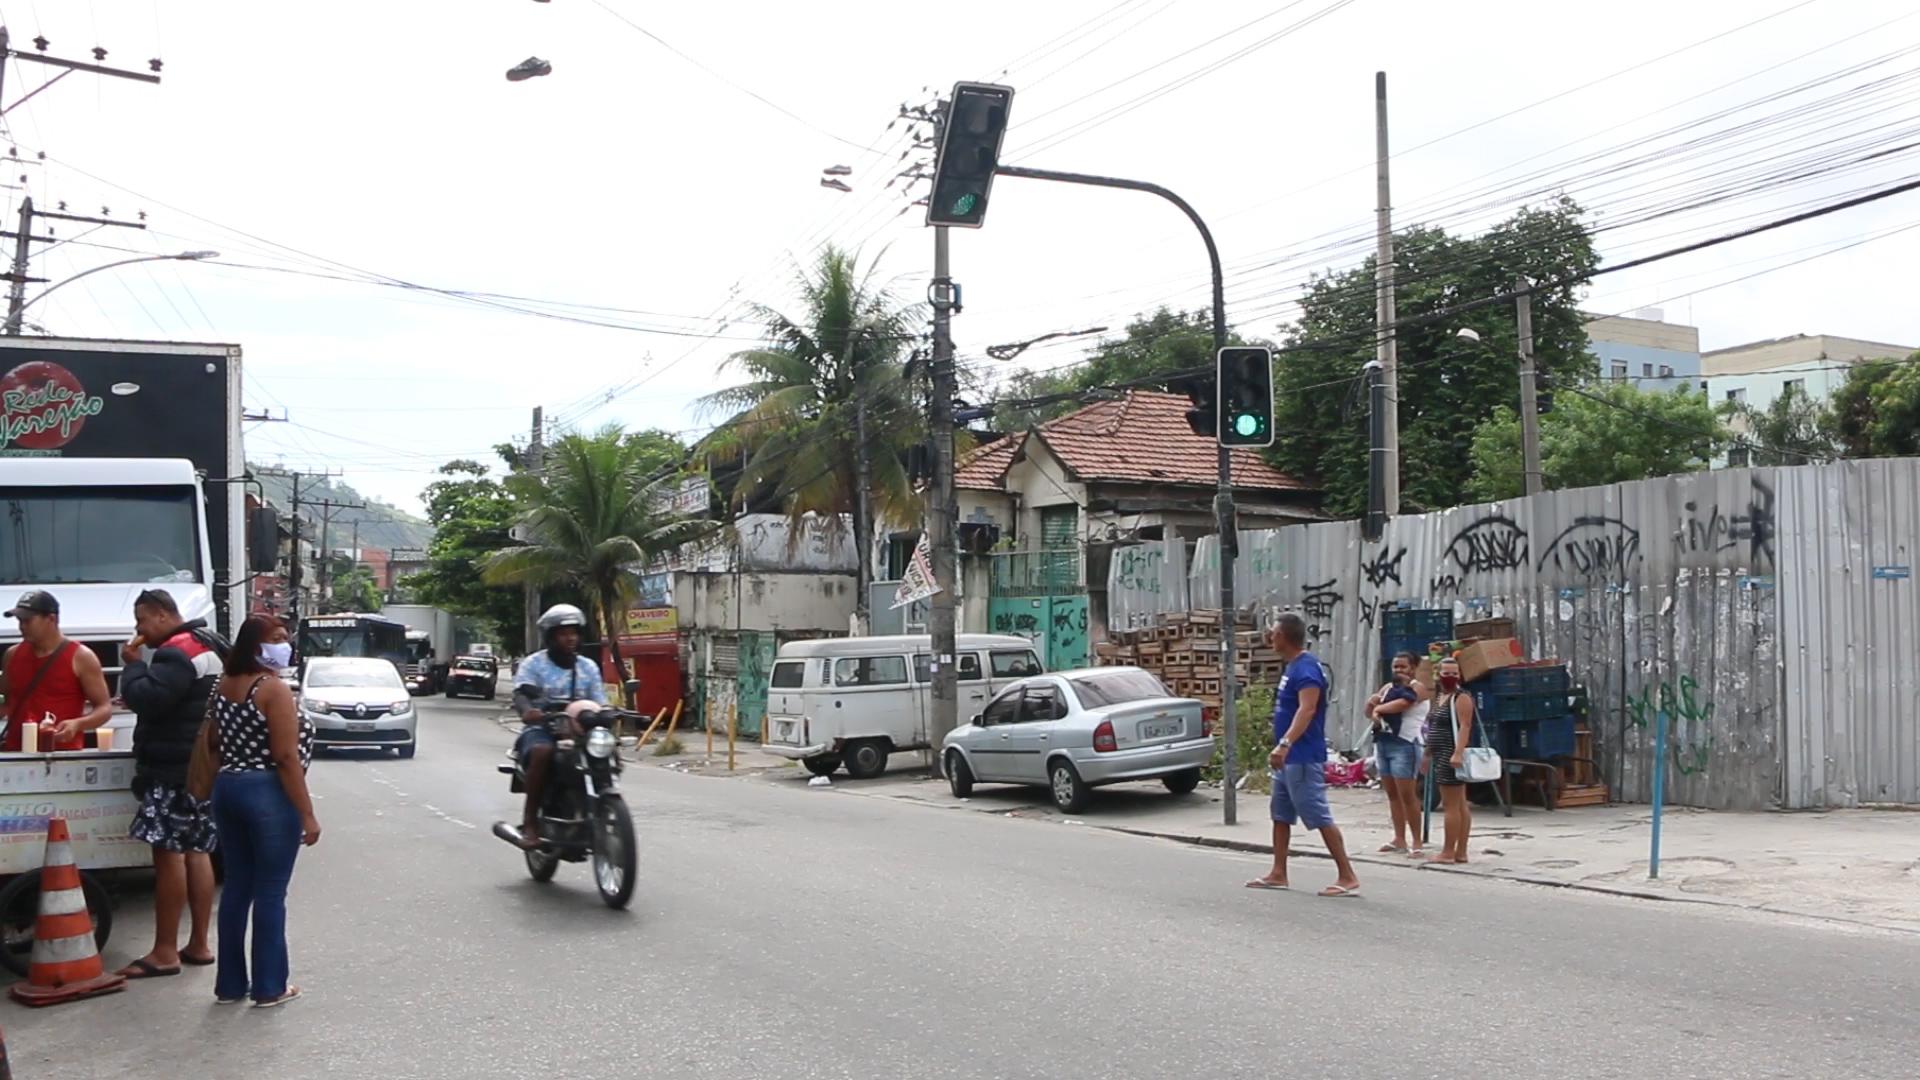 Falta da faixa de pedestres no sinal da Nova Brasília dificulta travessia de moradores